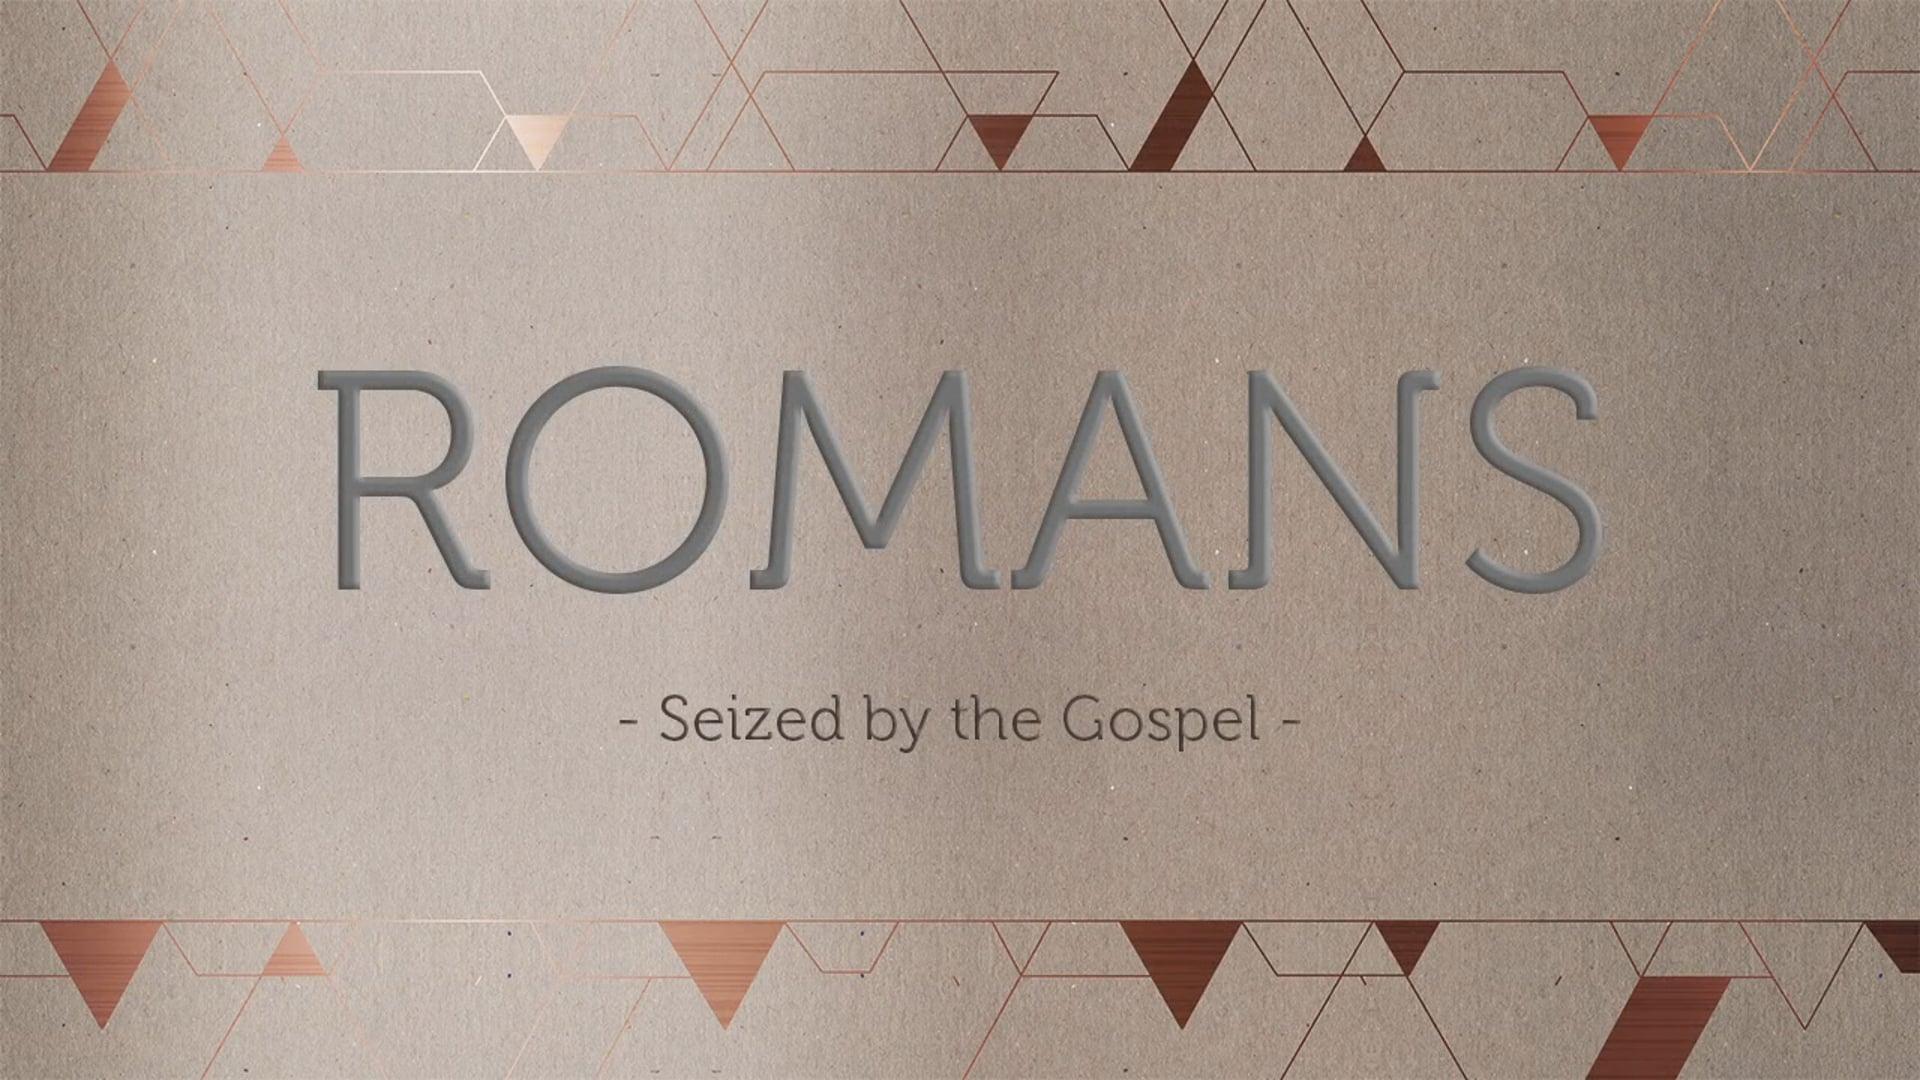 Week 5 - Not Alone: Romans 2:17 - 3:31